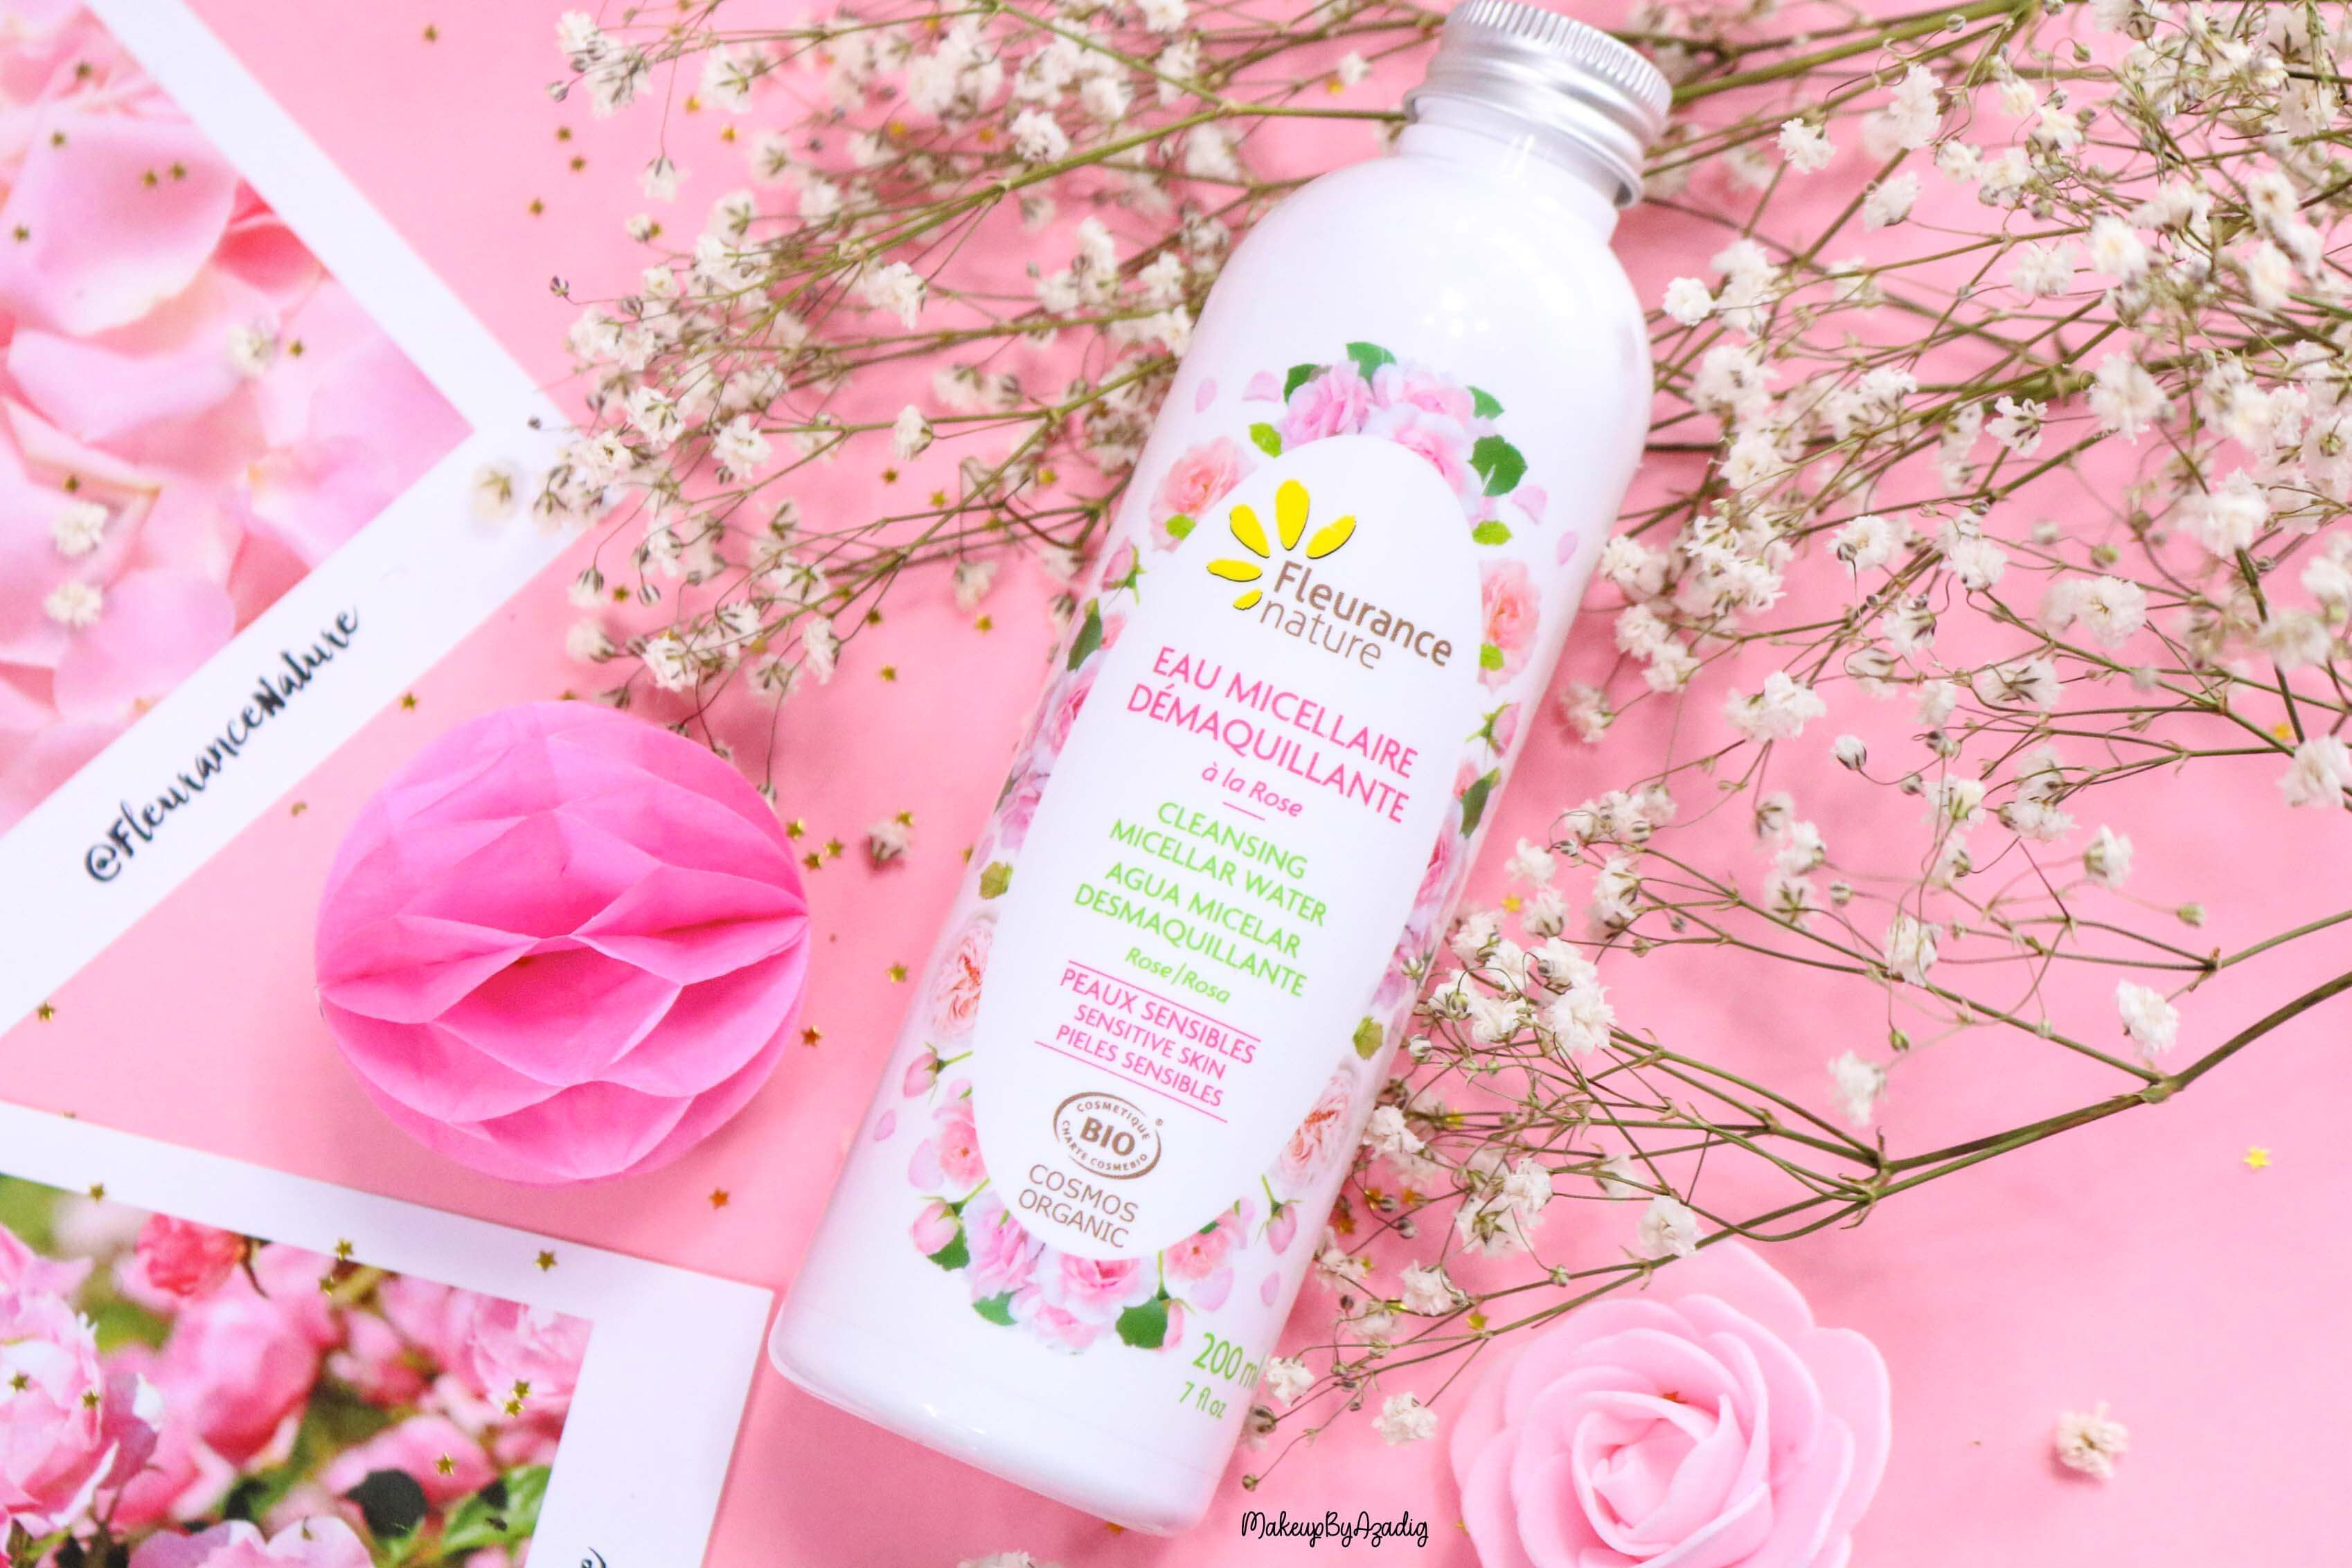 revue-eau-micellaire-demaquillante-eau-florale-rose-fleurance-nature-demaquillage-parfait-peau-acneique-makeupbyazadig-avis-prix-promo-ecocert